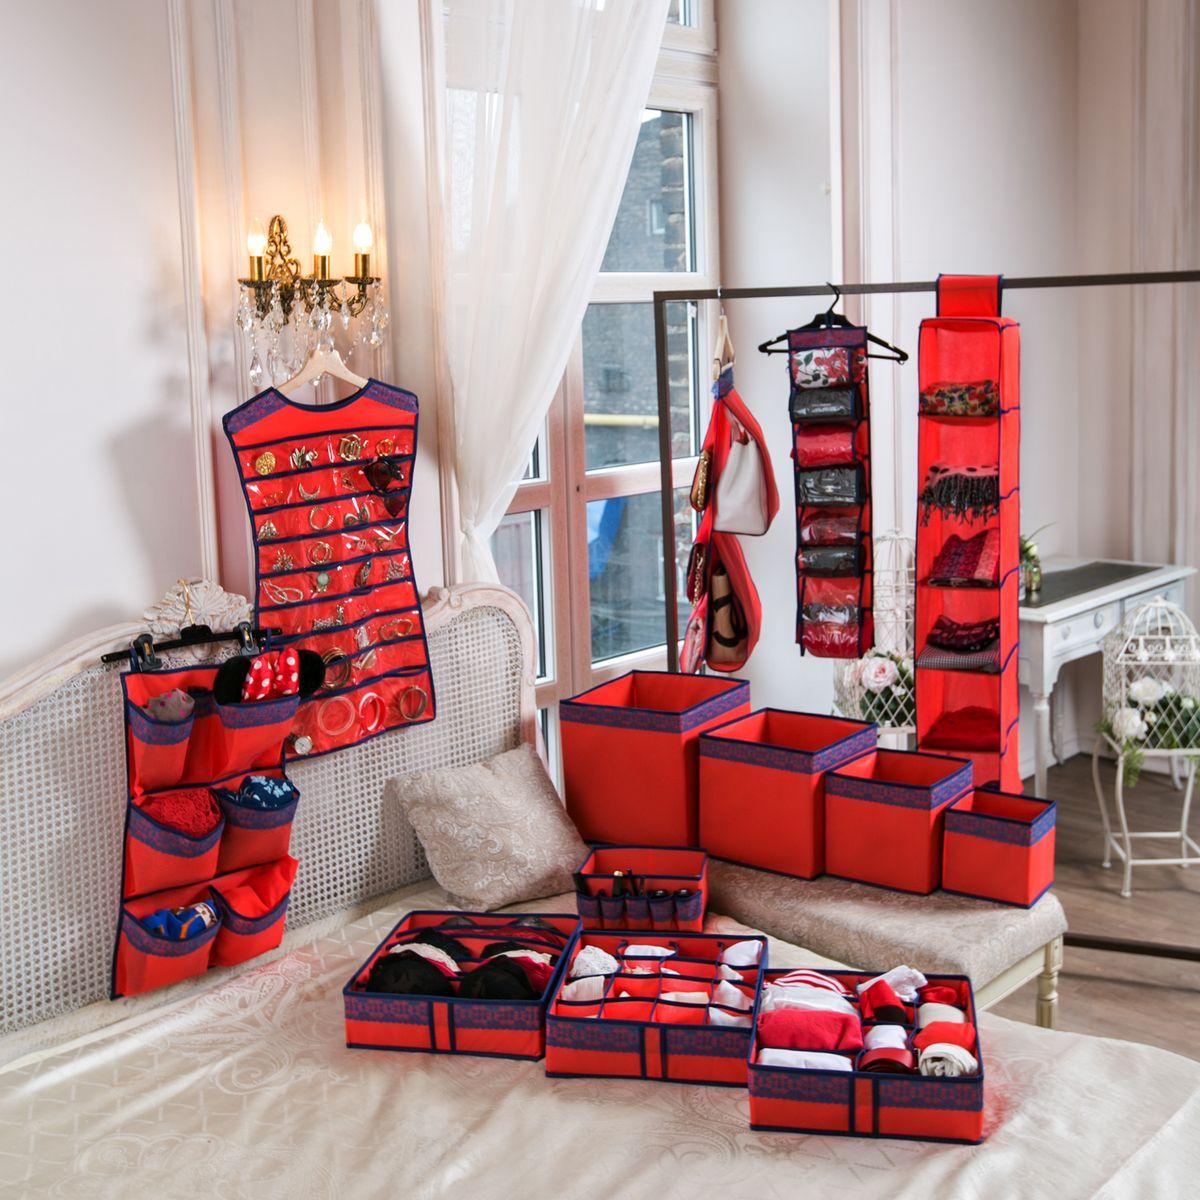 Товары для дома подарки мебель